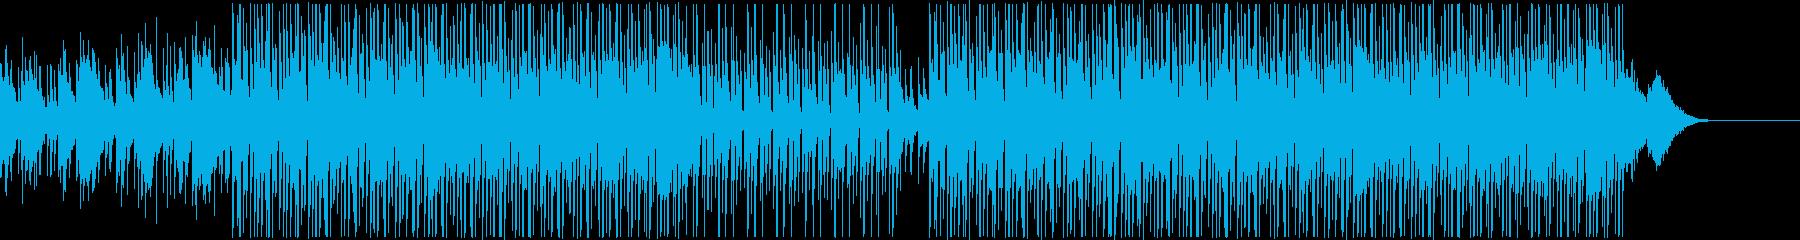 チルアウト/リラックス・おしゃれなBGMの再生済みの波形